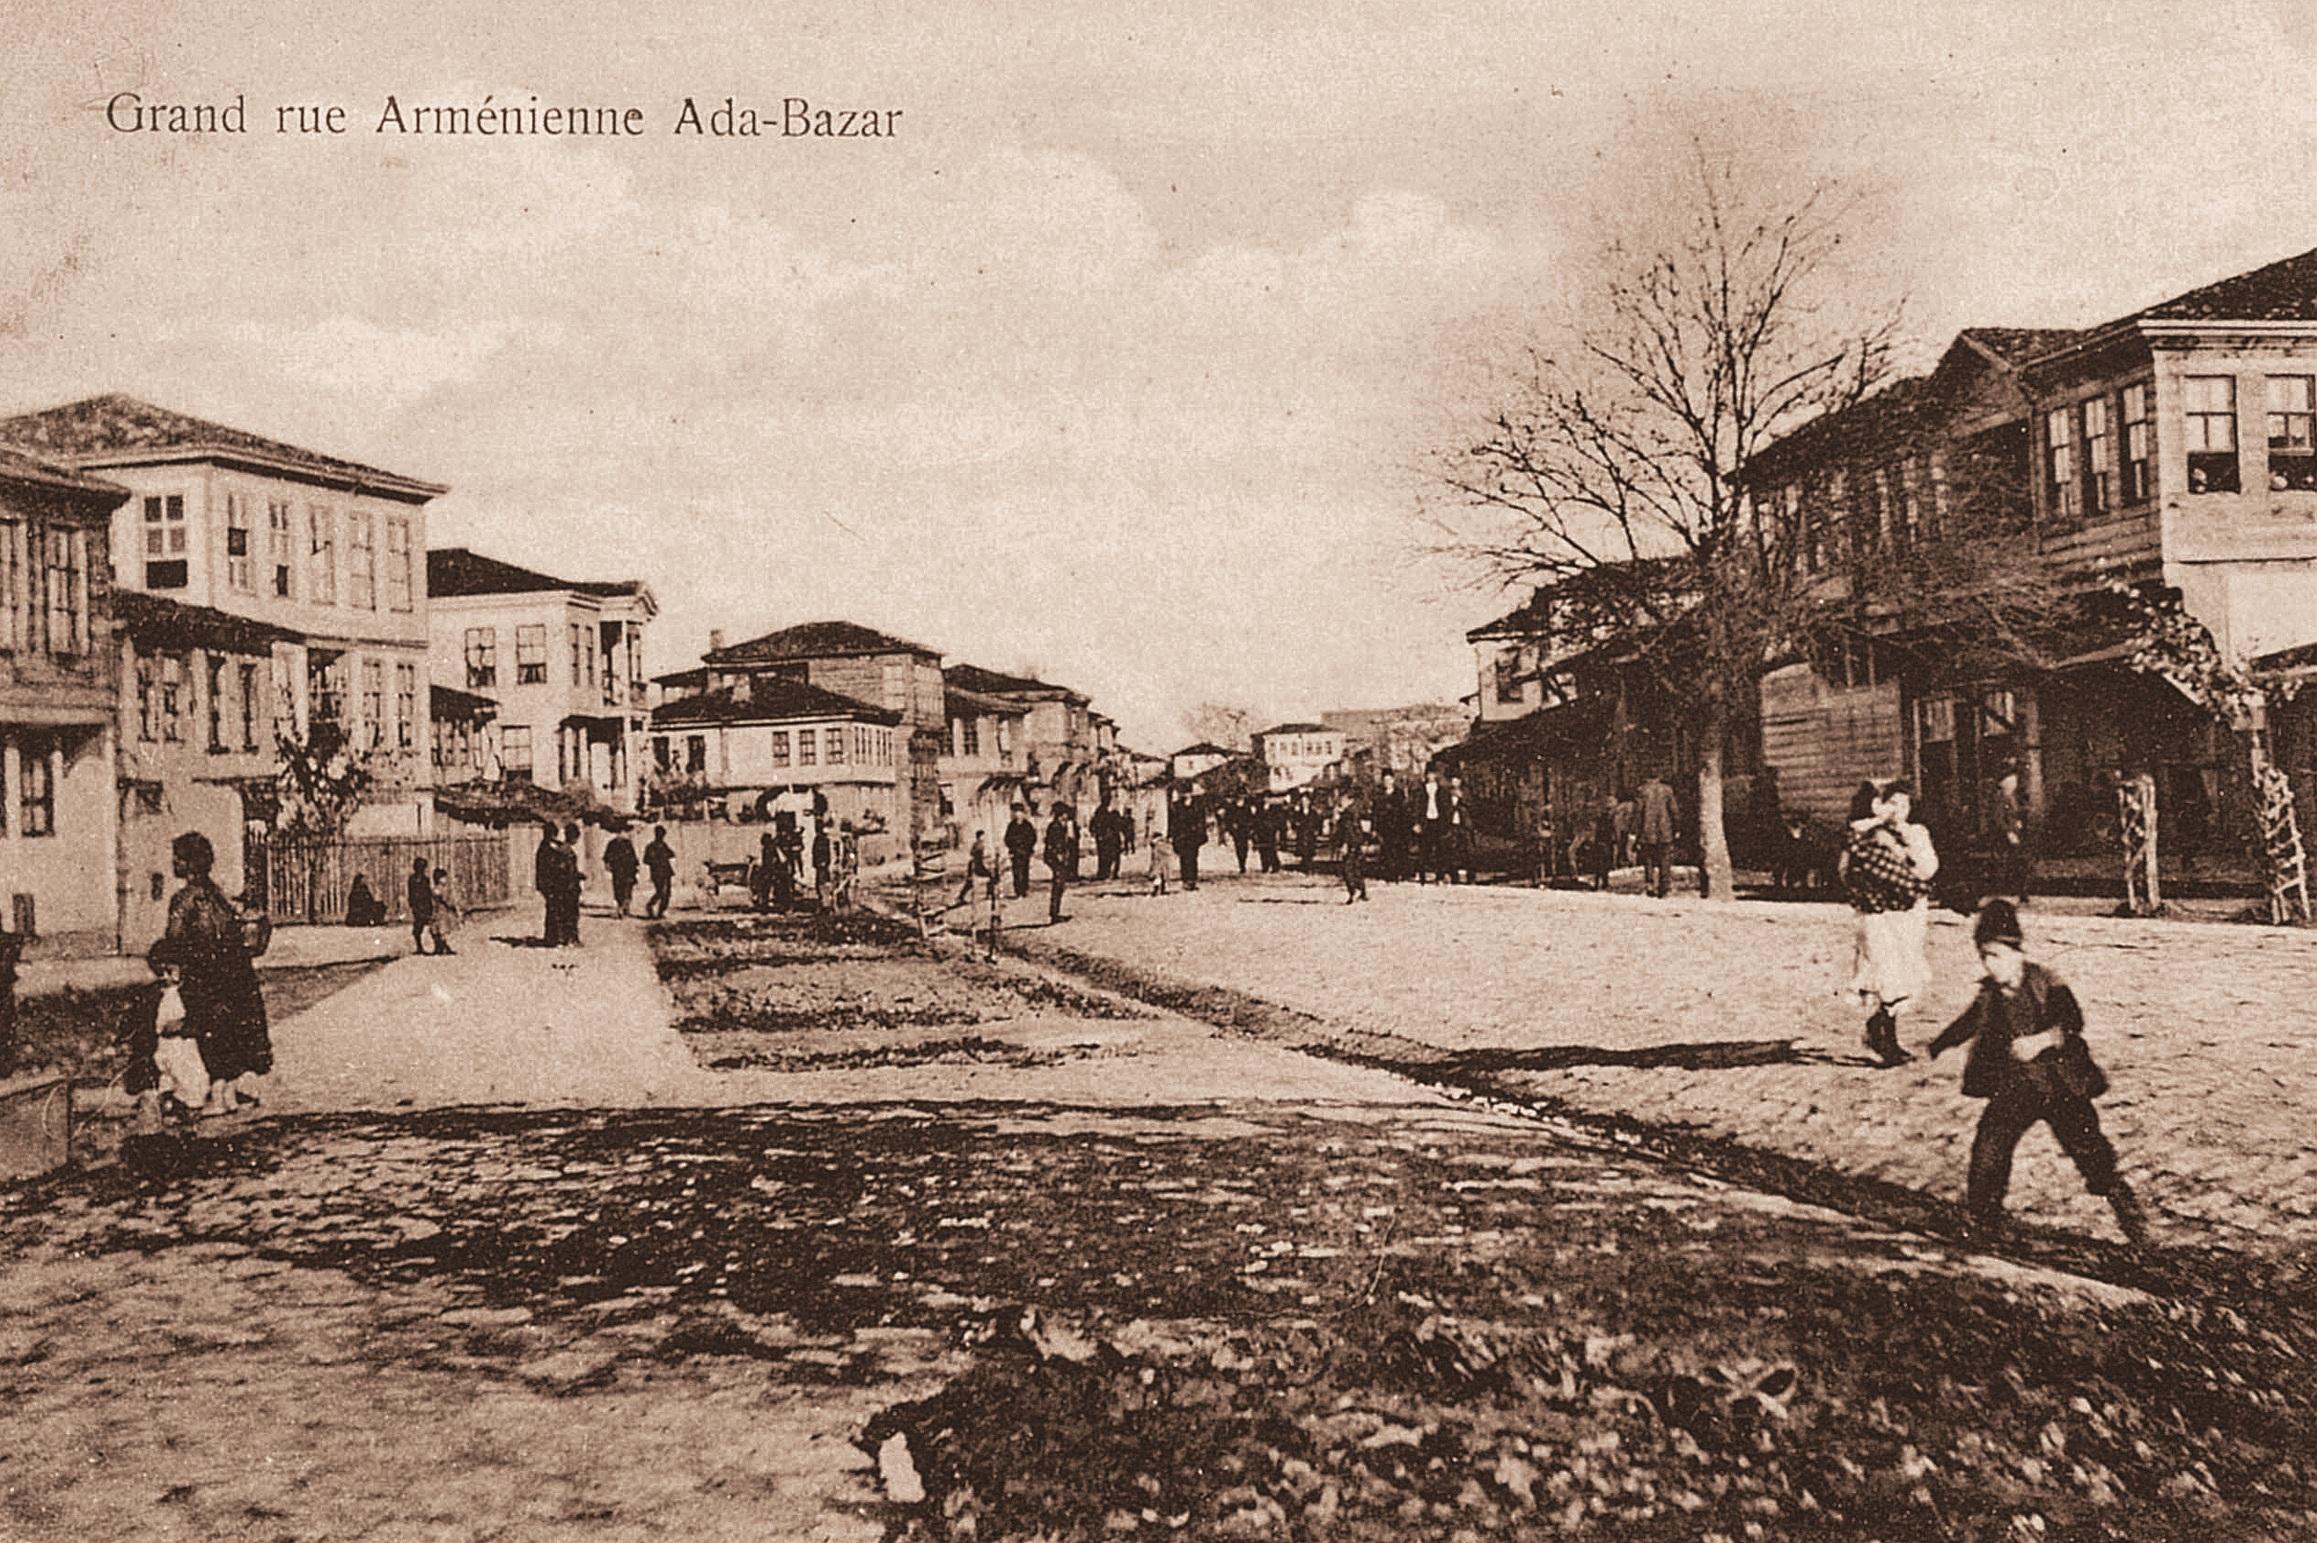 Adapazarı'nda Ermeni Mahallesi